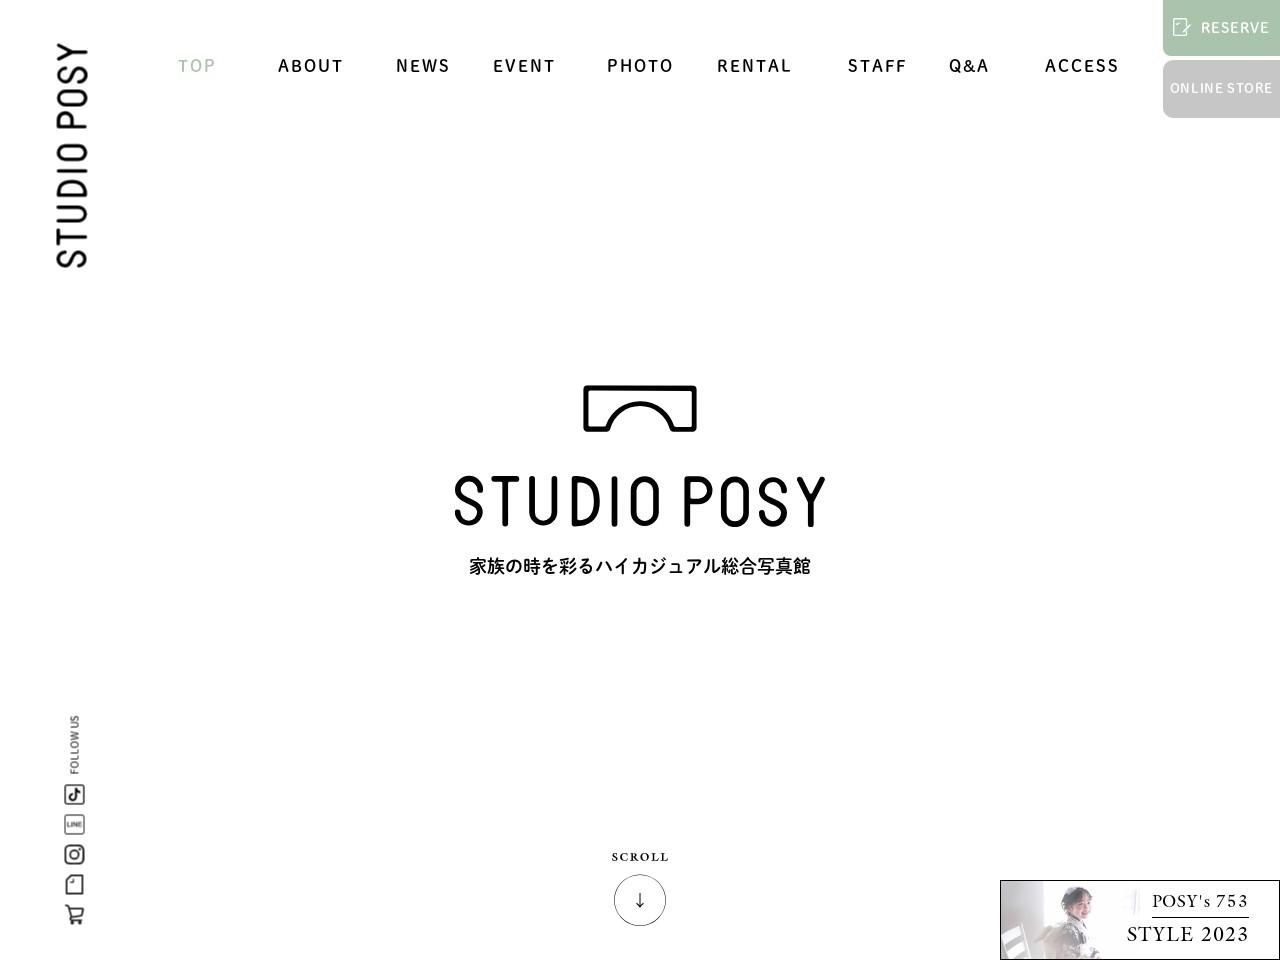 スタジオ・ポージィ